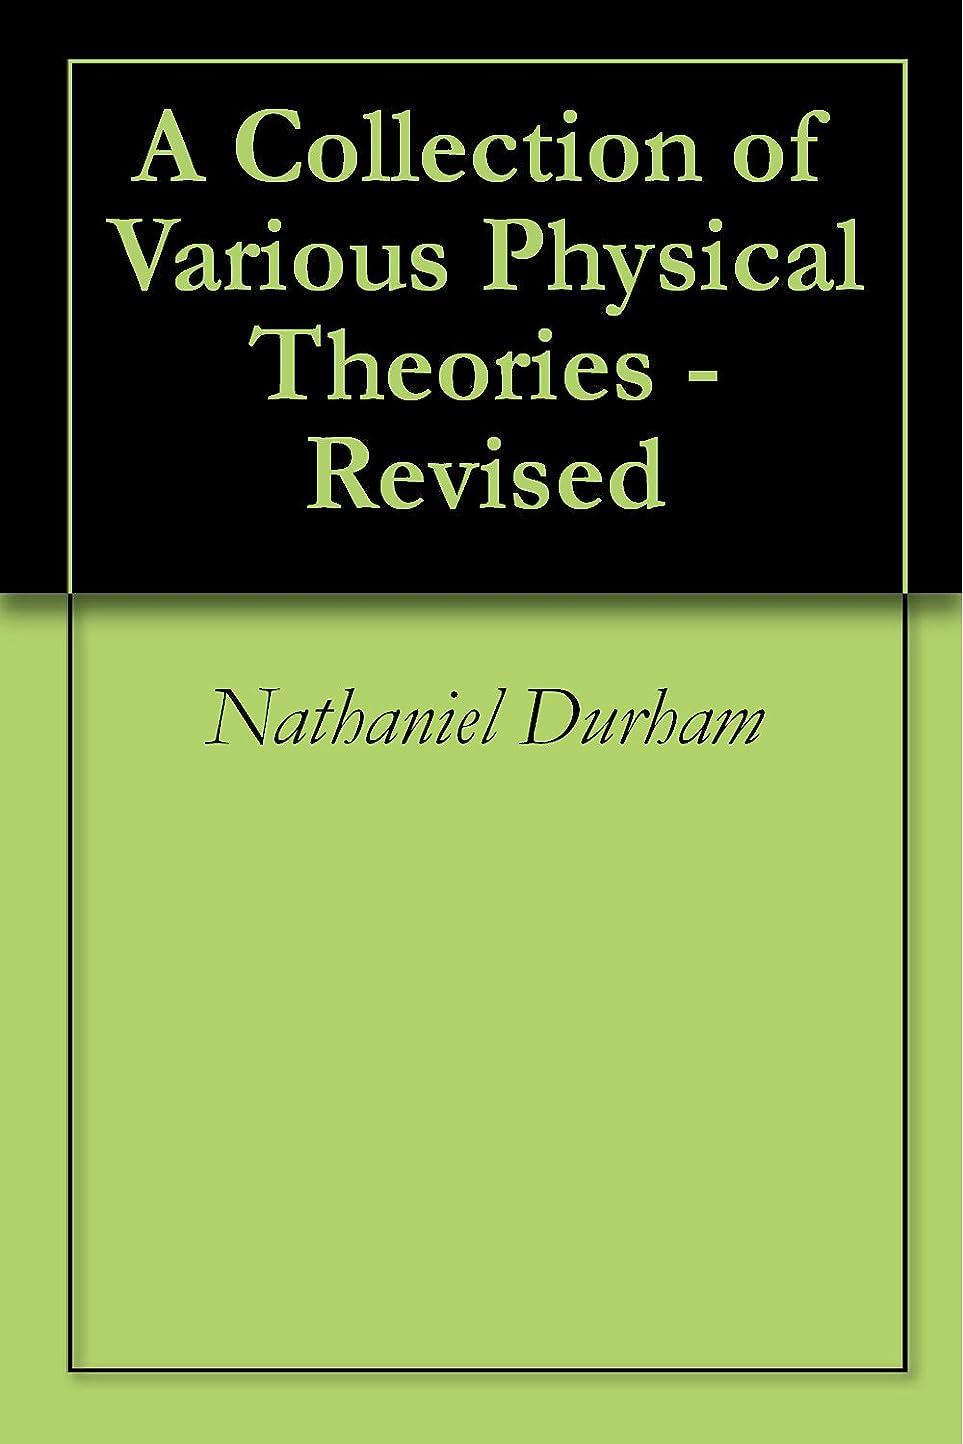 ワイプ見せます恩恵A Collection of Various Physical Theories - Revised (English Edition)